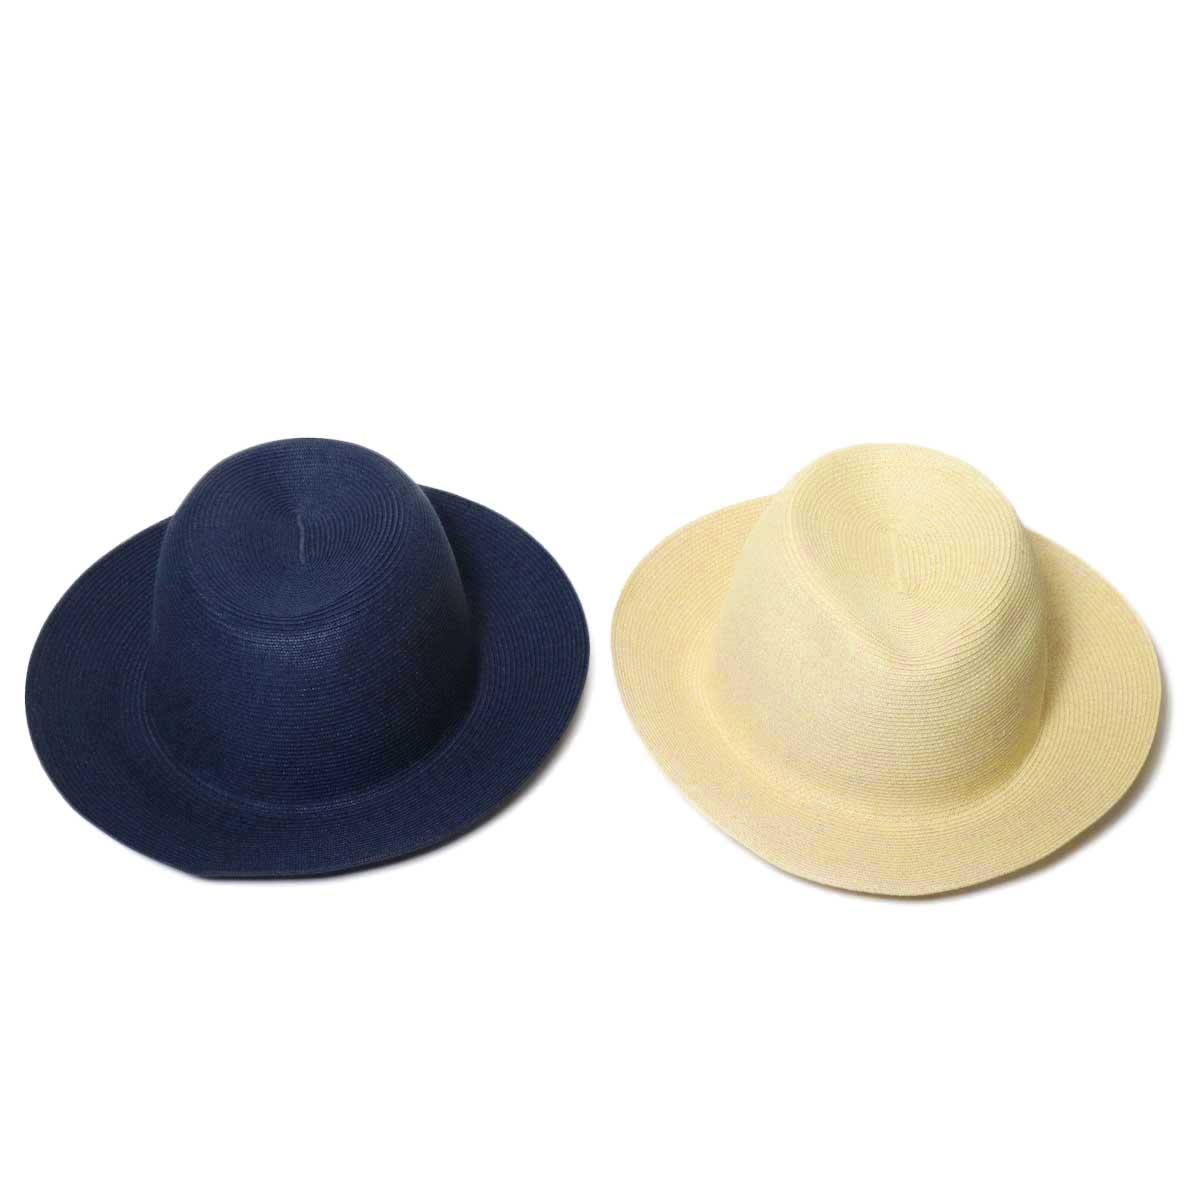 KIJIMA TAKAYUKI / Paper Braid Hat (EW-211003)